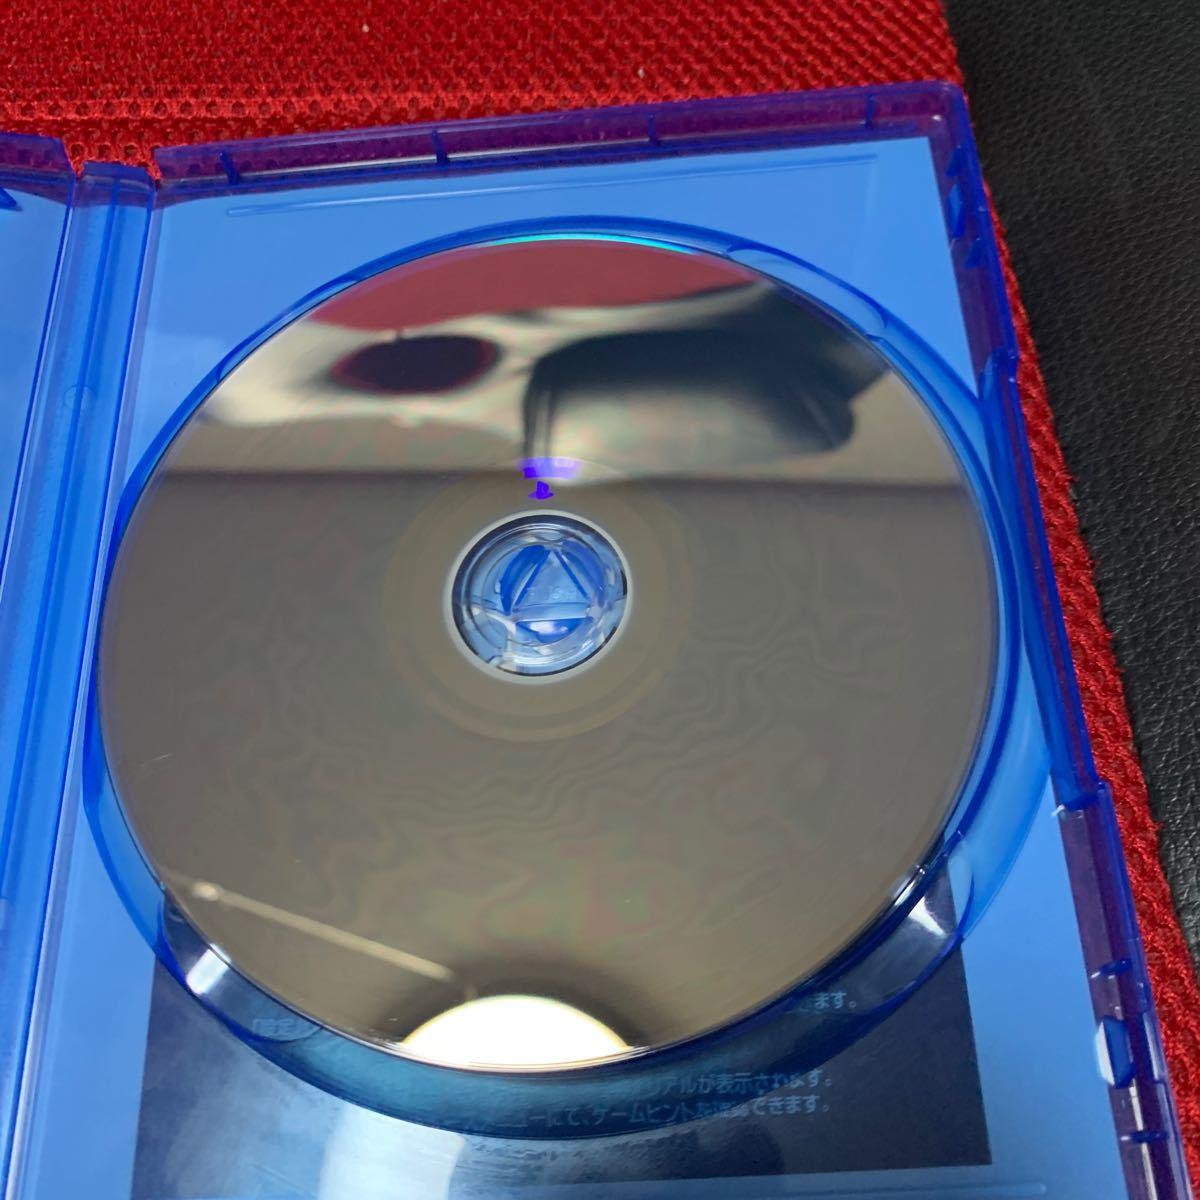 ゴーストリコンワイルドランズ PS4 ソフト GHOST RECON